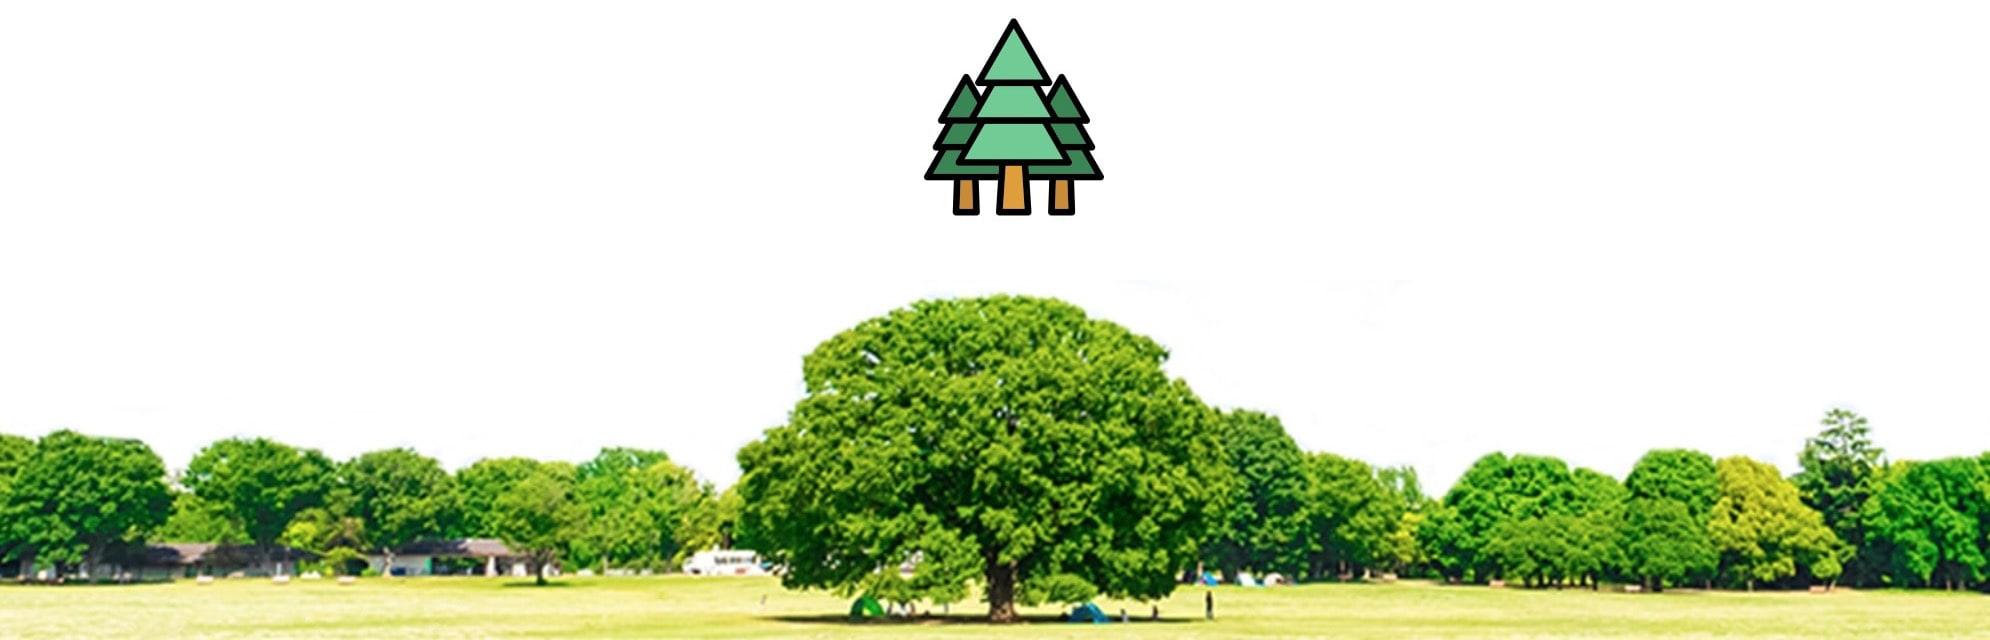 「80億マグロの樹」植林プロジェクト